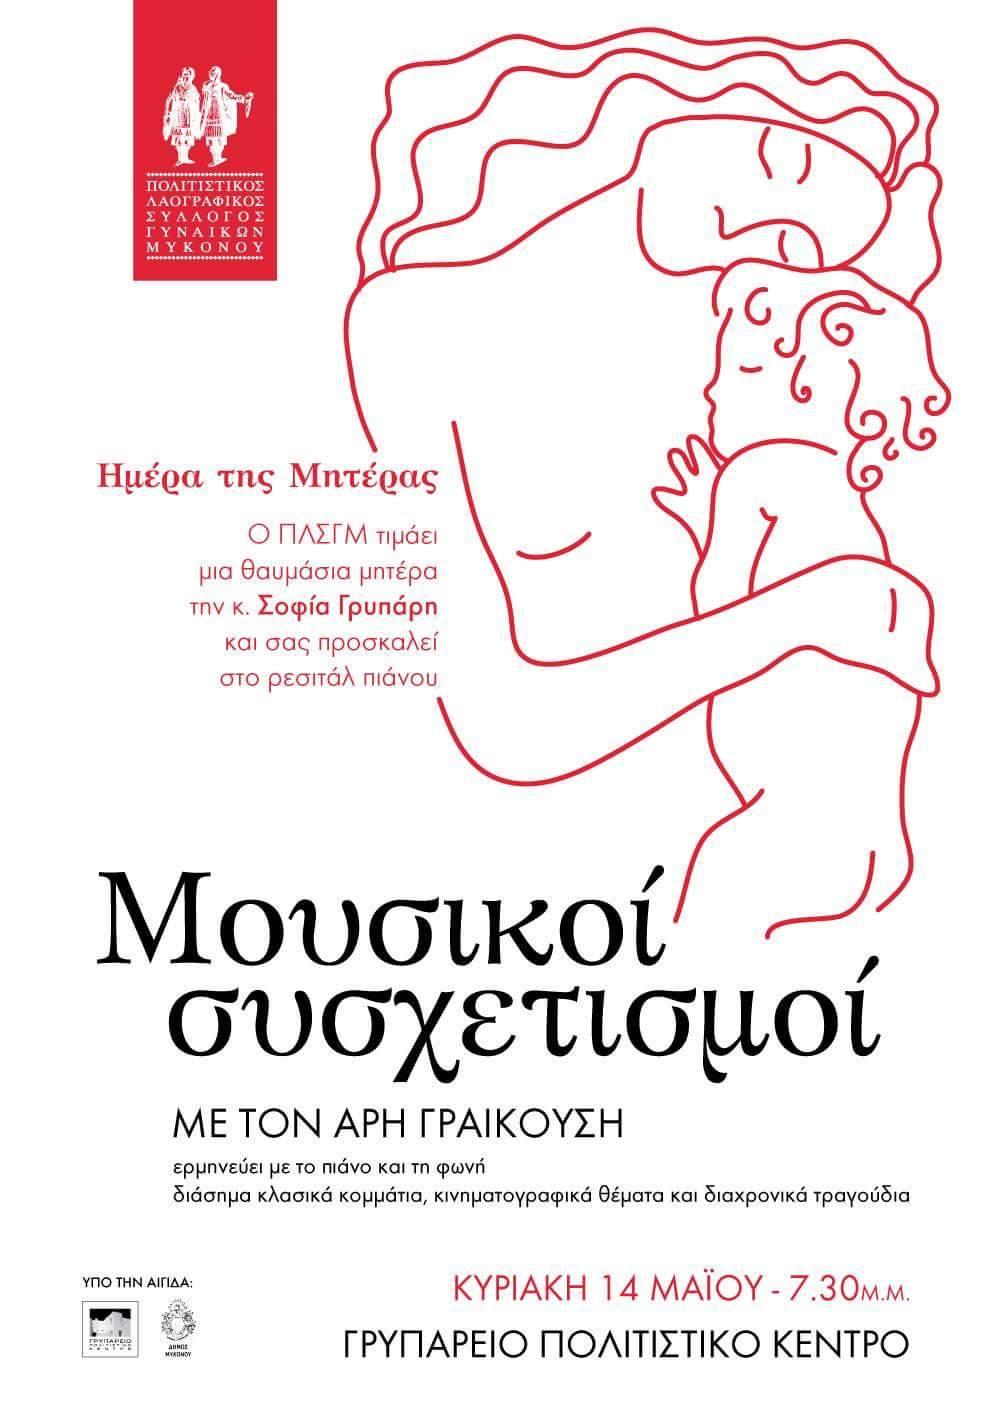 Μουσικοί Συσχετισμοί, Άρης Γραικούσης. Ημέρα της Μητέρας